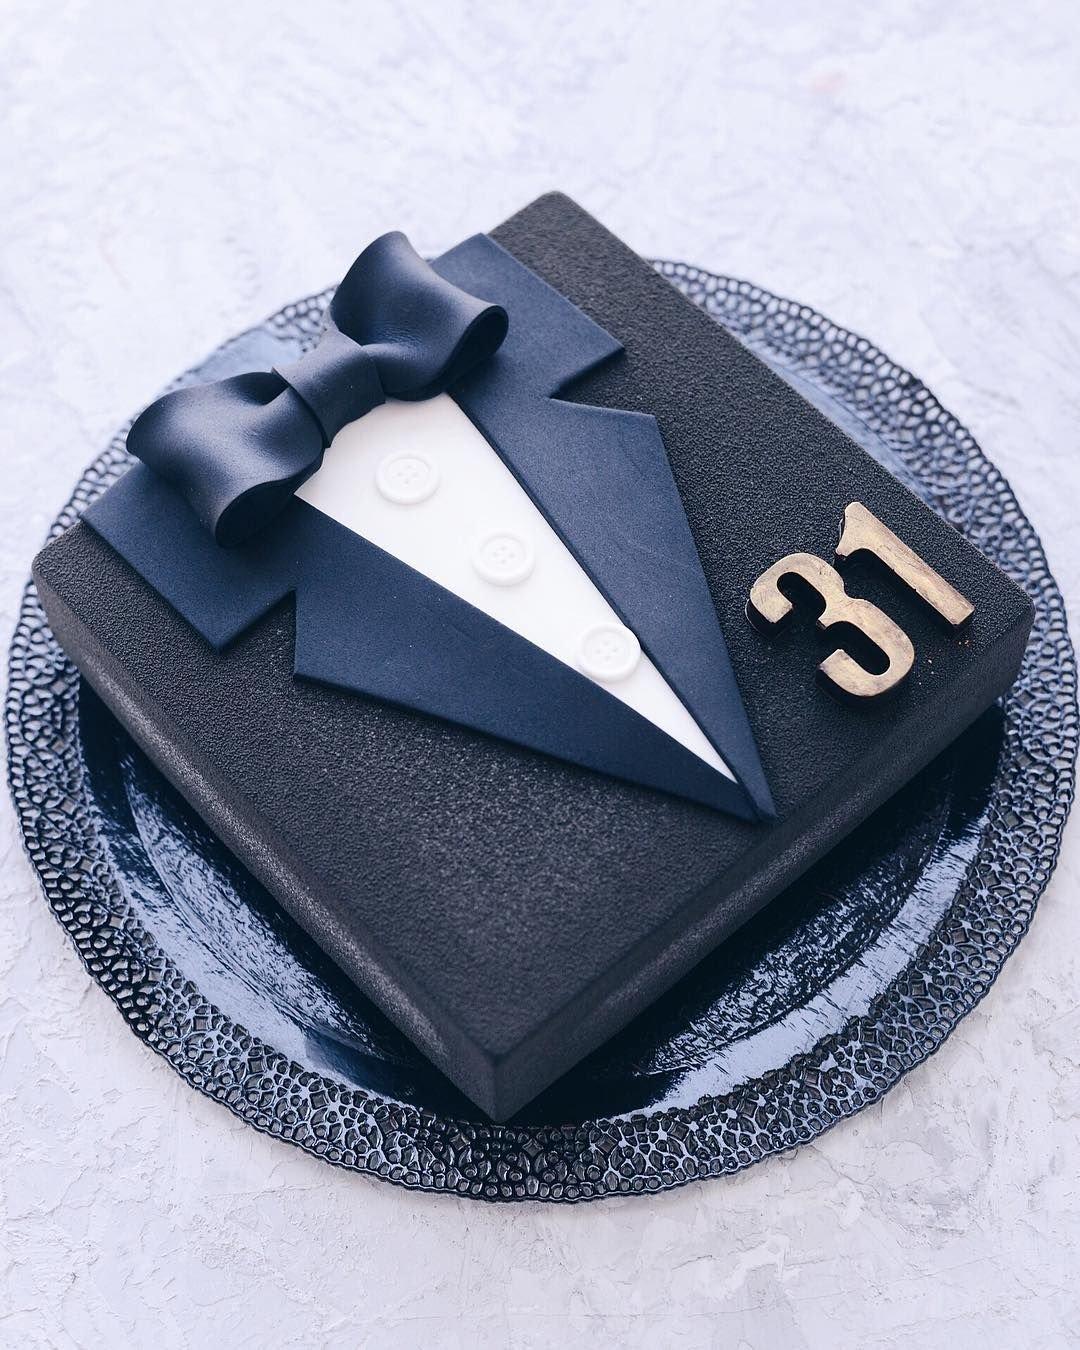 дизайн торта на день рождения мужу фото монтаж